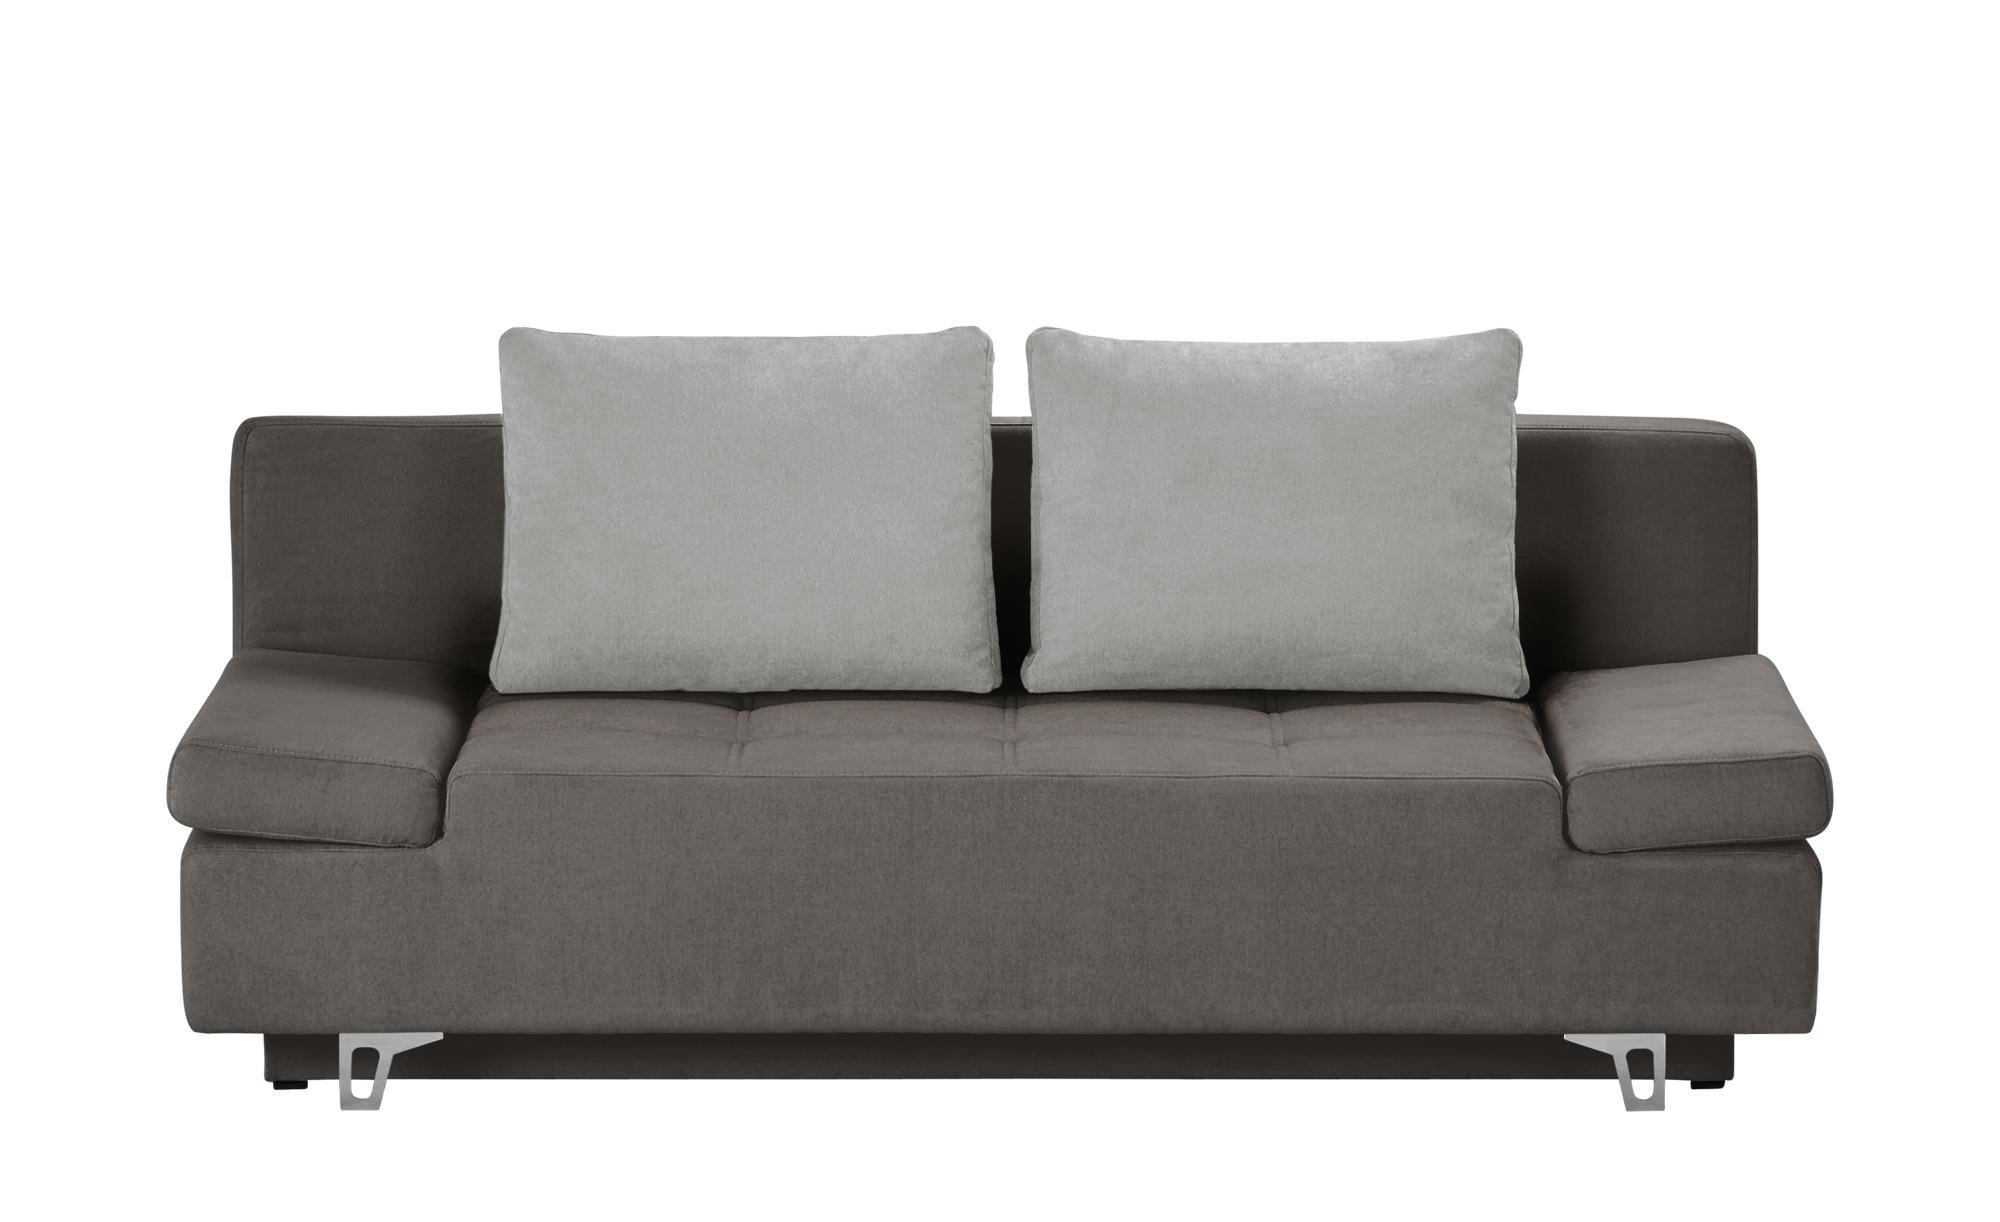 smart schlafsofa patriece breite 200 cm h he 90 cm grau online kaufen bei woonio. Black Bedroom Furniture Sets. Home Design Ideas